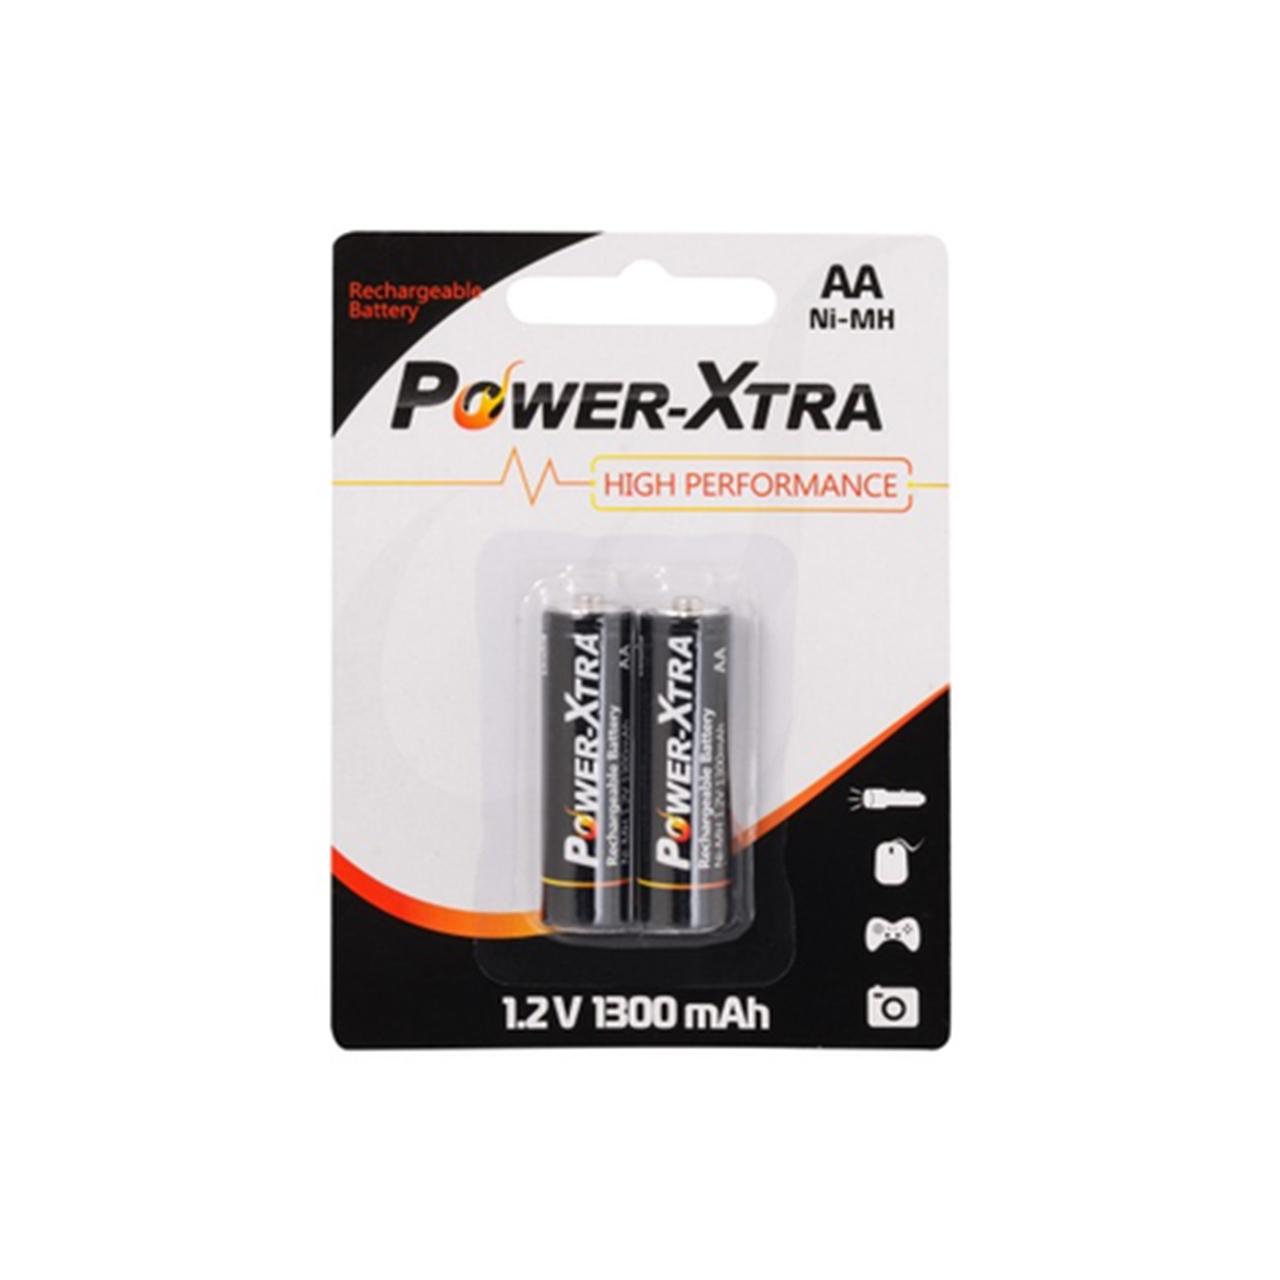 باتری قلمی قابل شارژ پاوراکسترا  مدل High Performance بسته 2 عددی